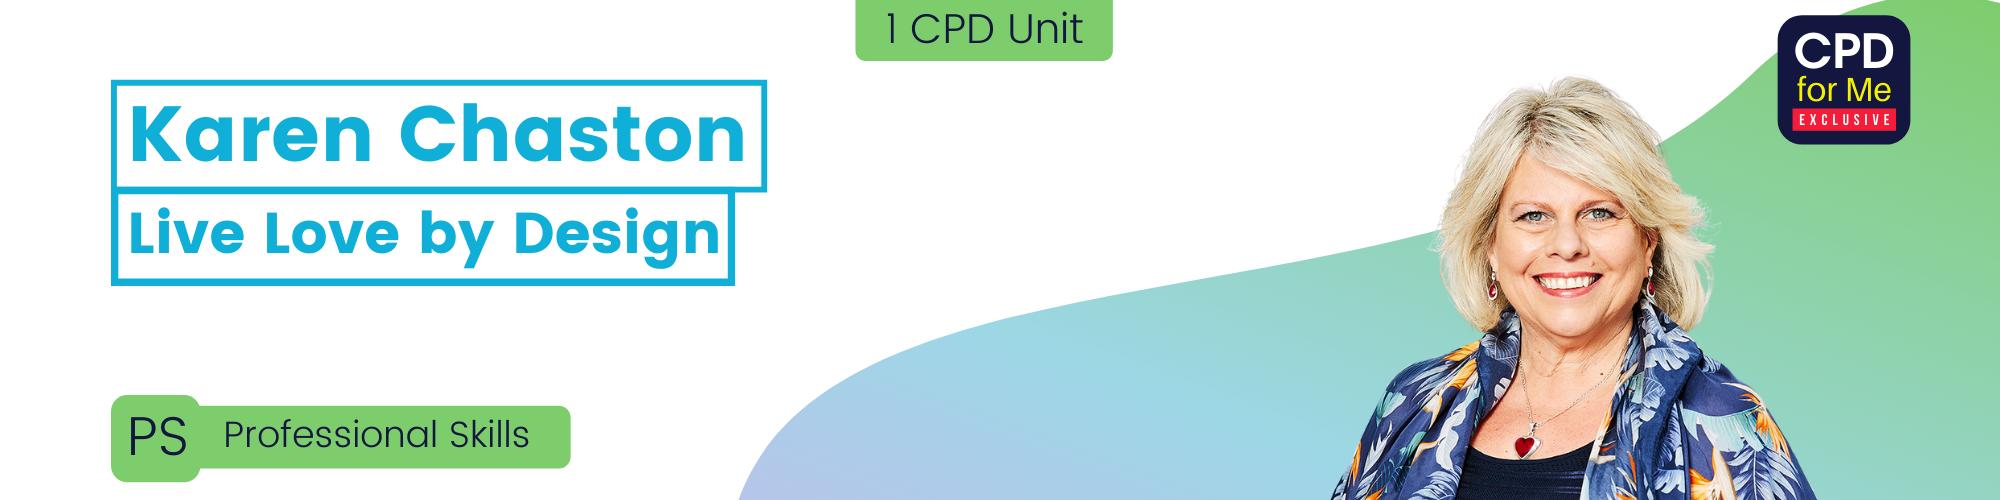 Karen Chaston CPD-LIVE